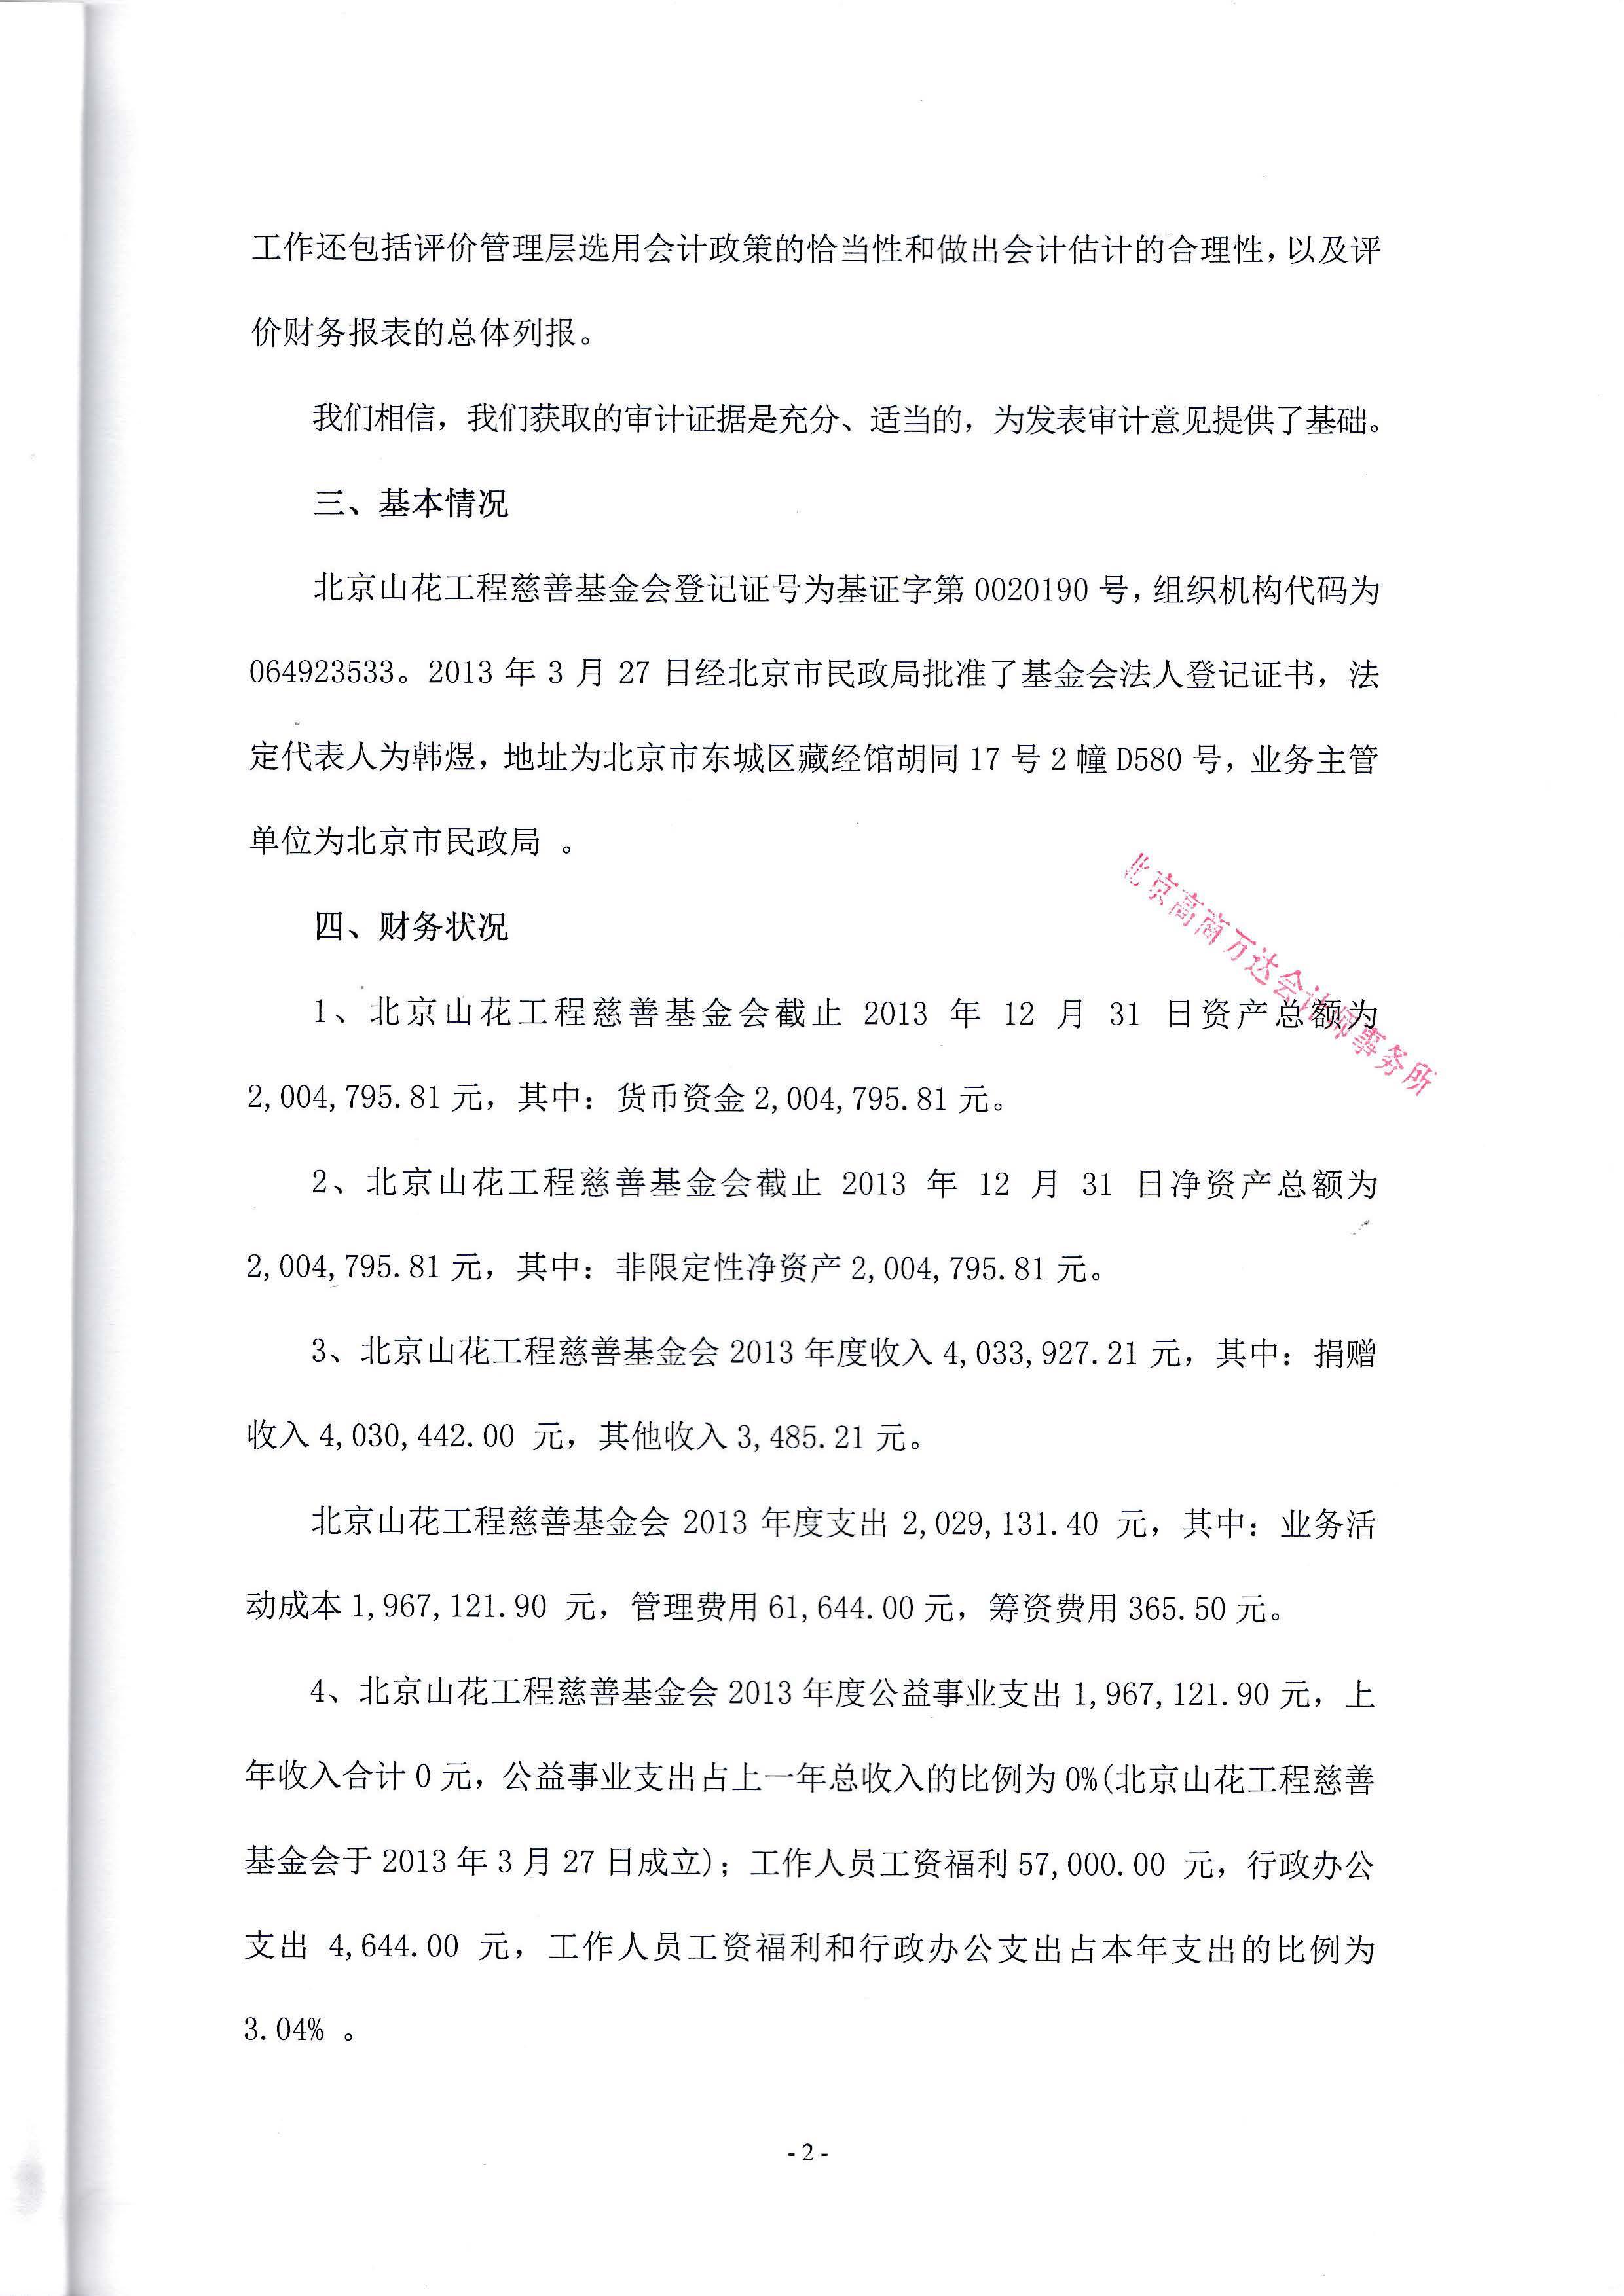 2013审计报告_页面_04